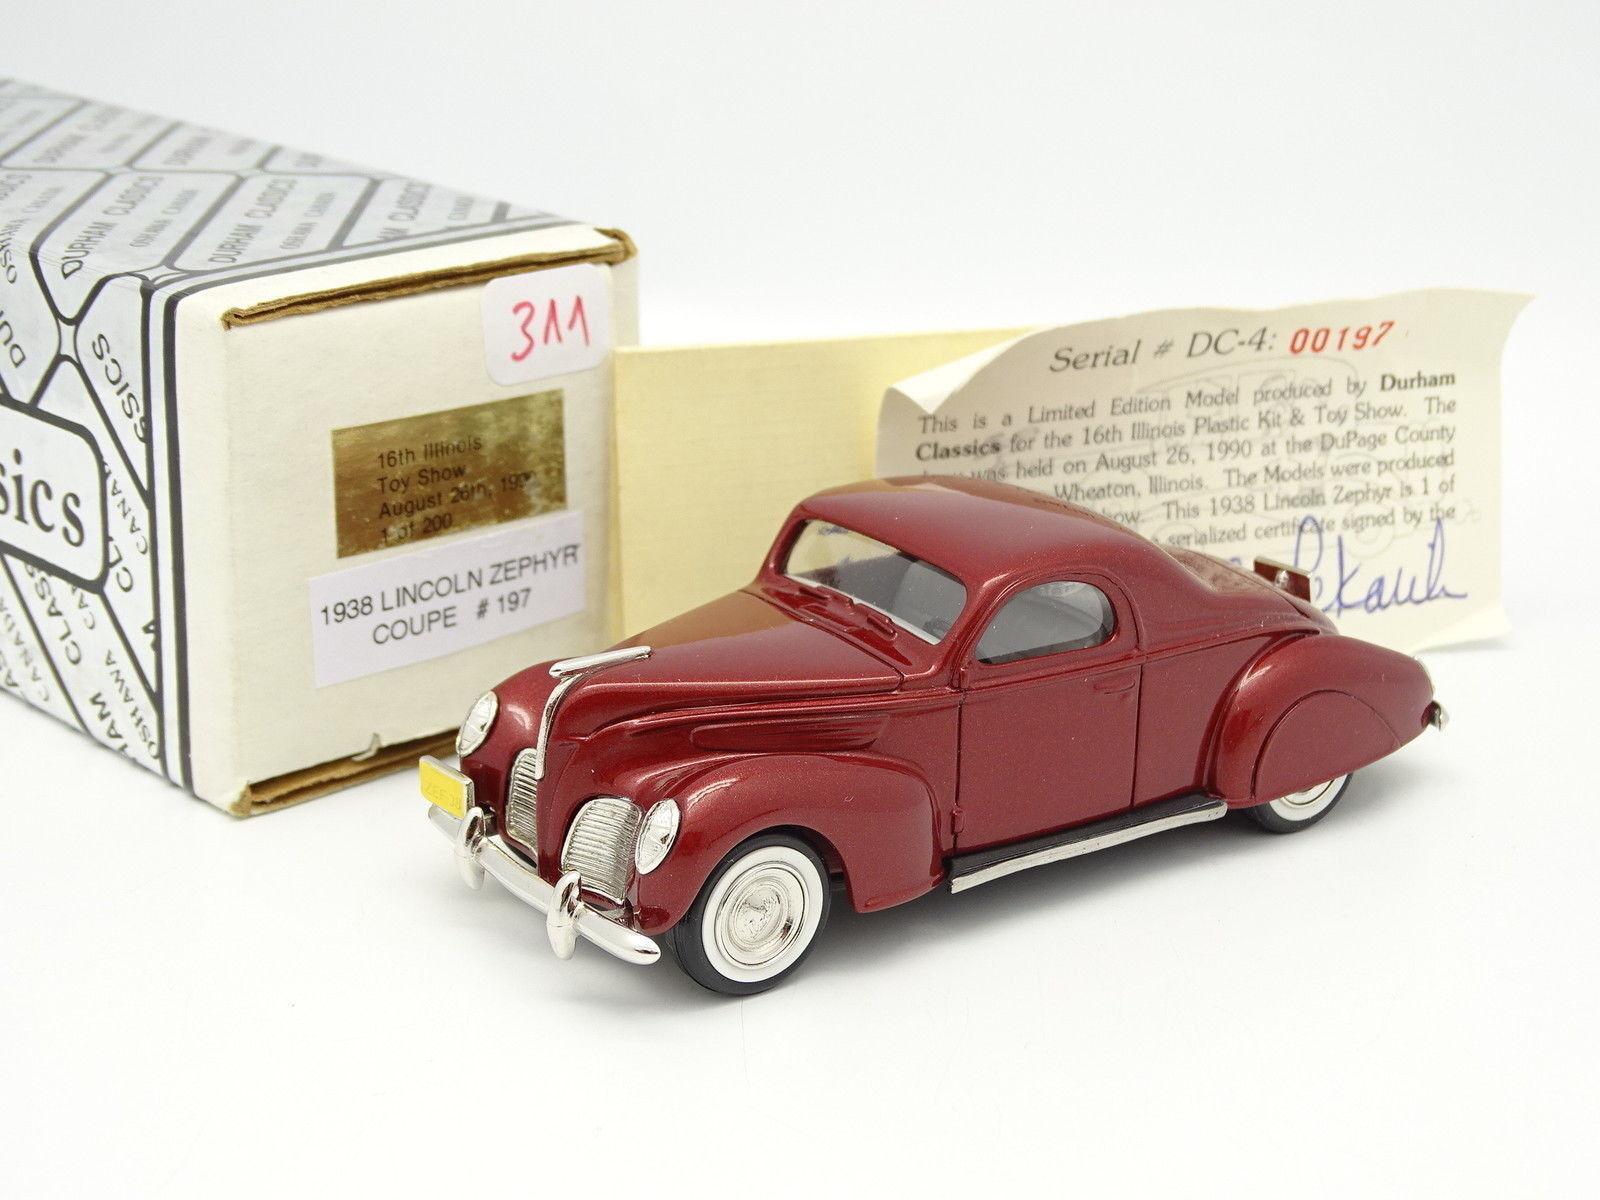 Durham Classics 1 43 - Lincoln Zephyr Coupé 1938 Illinois Toy Show 1990